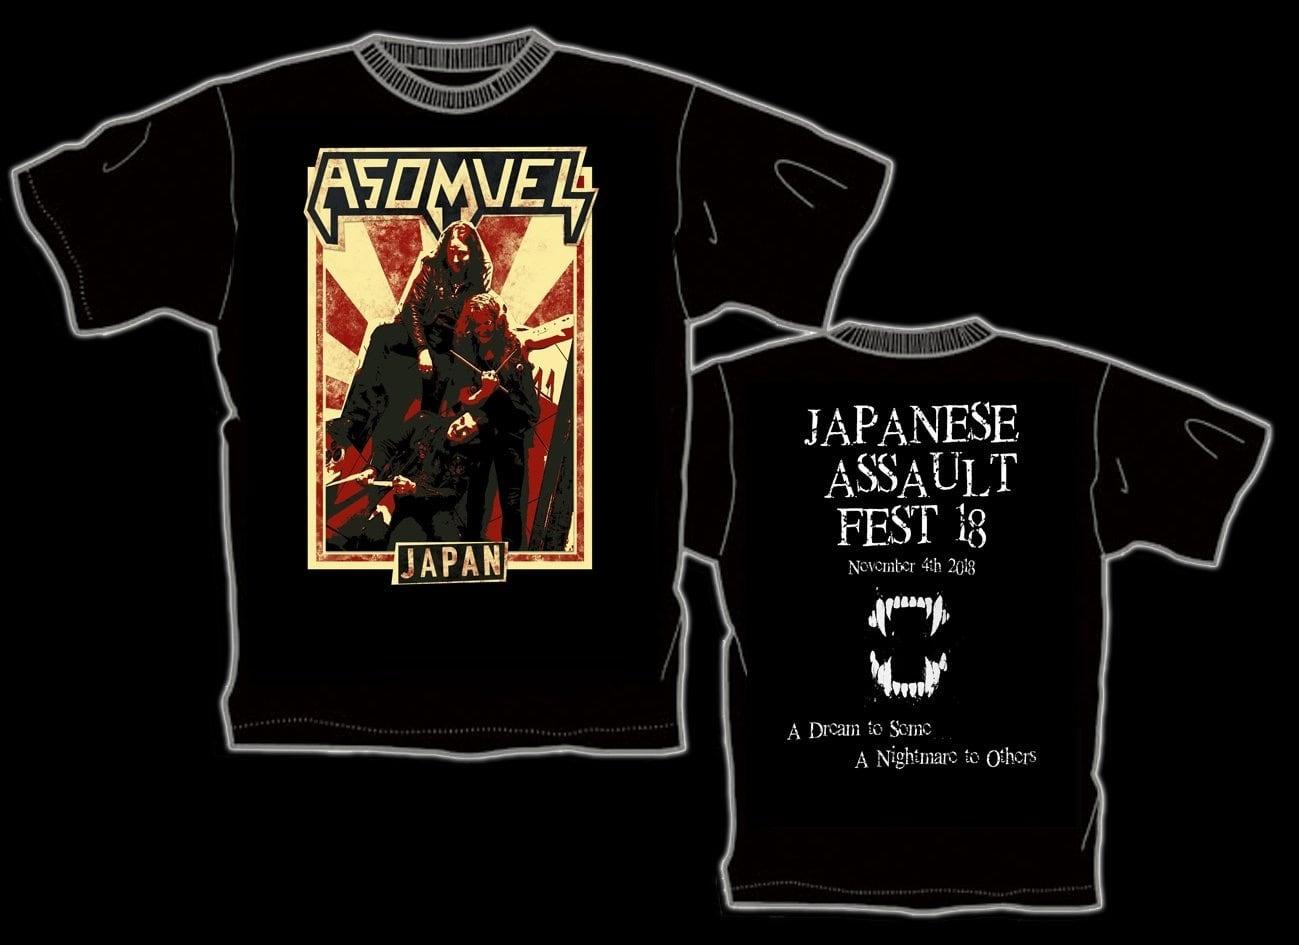 ASOMVEL 来日記念限定Tシャツ